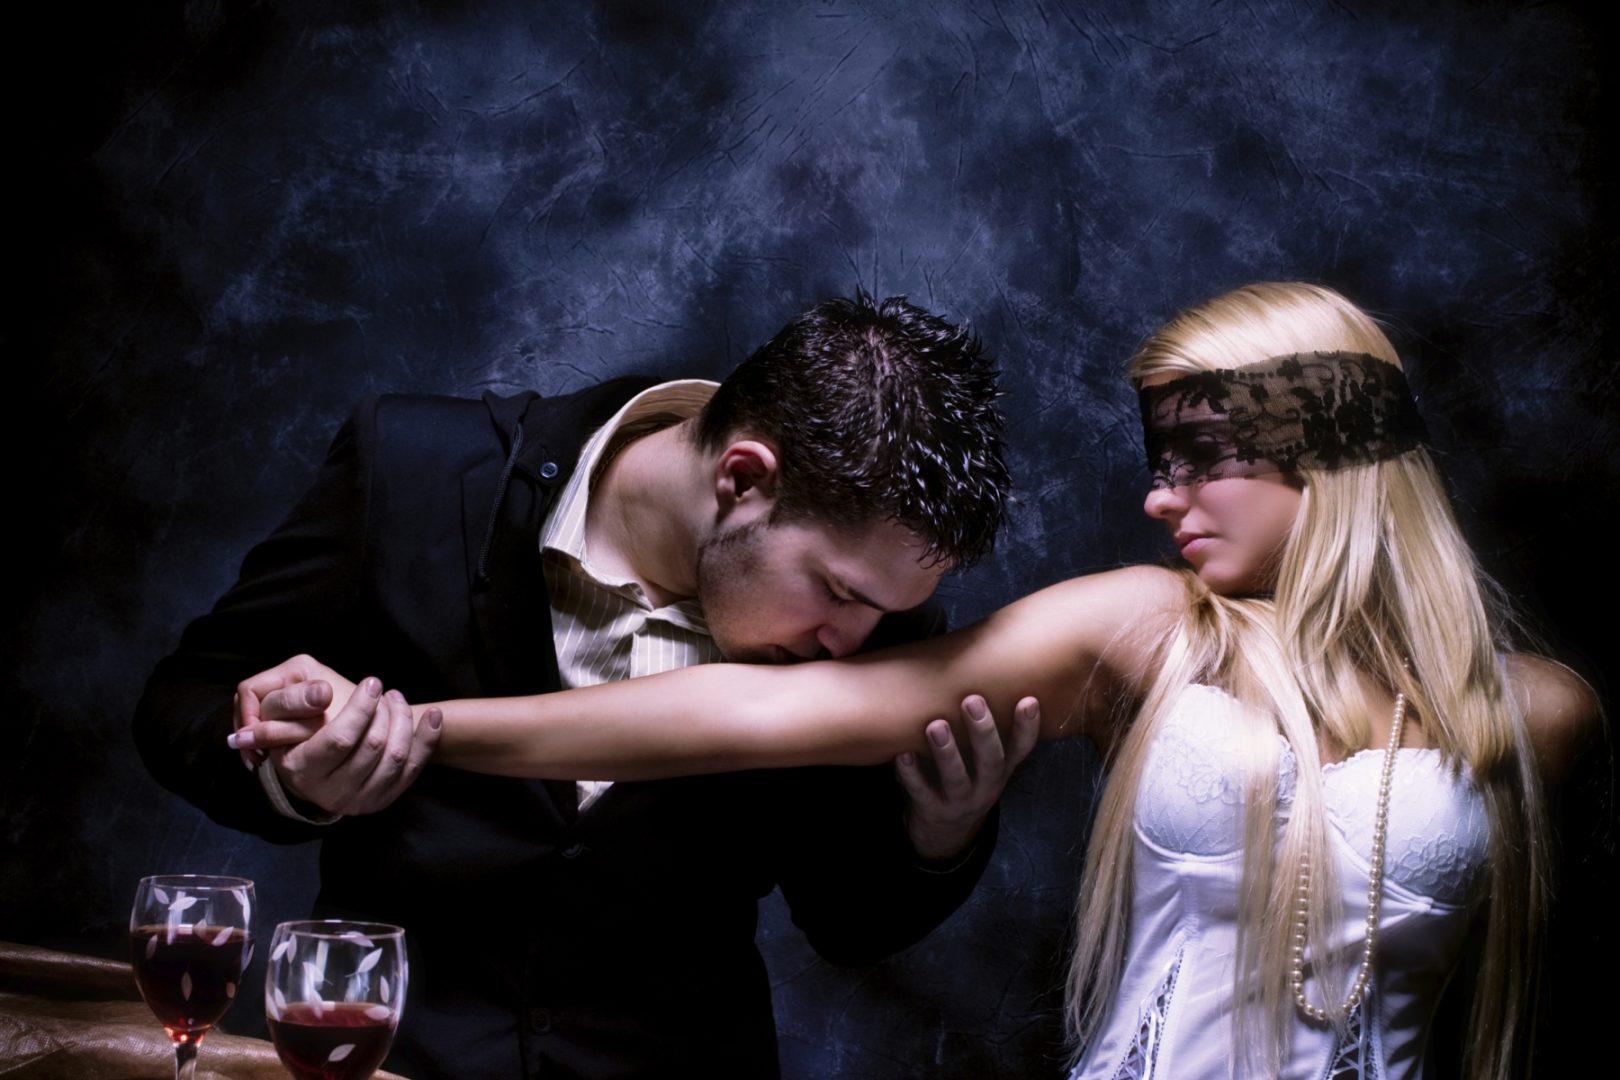 Сценарии сексуальных игр со связыванием